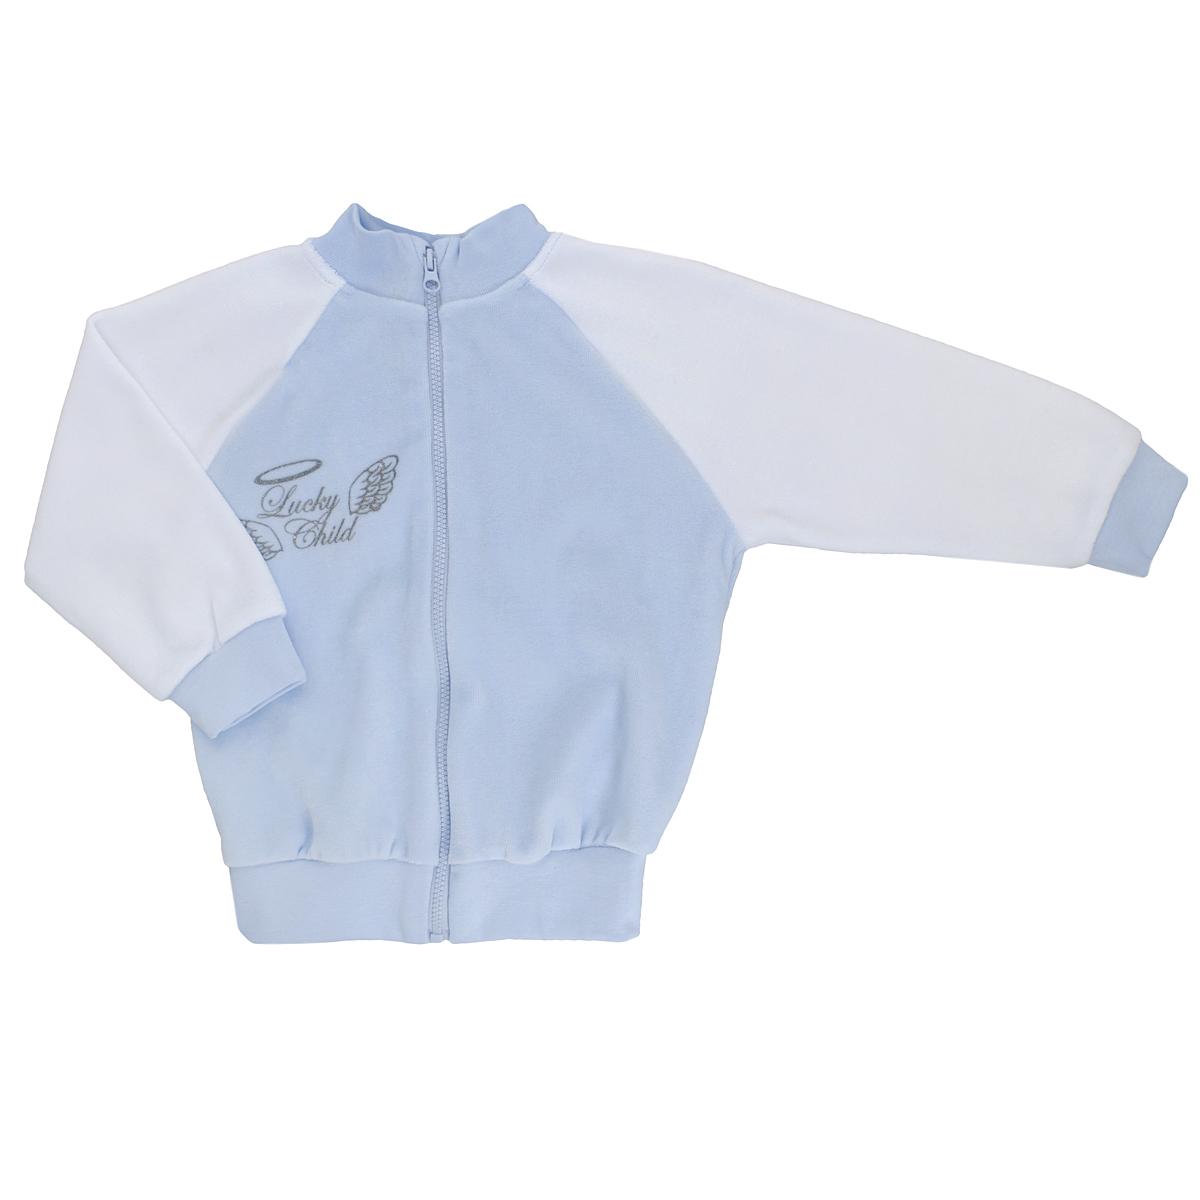 Кофточка детская Lucky Child Ангелы, цвет: голубой, белый. 17-18. Размер 80/8617-18Кофточка для новорожденного Lucky Child Ангелы с длинными рукавами-реглан послужит идеальным дополнением к гардеробу вашего малыша, обеспечивая ему наибольший комфорт. Изготовленная из велюра, она необычайно мягкая и легкая, не раздражает нежную кожу ребенка и хорошо вентилируется, а эластичные швы приятны телу малыша и не препятствуют его движениям. Удобная застежка-молния по всей длине помогает легко переодеть младенца. Рукава, низ изделия и горловина дополнены широкими трикотажными резинками.Кофточка на груди оформлена надписью в виде логотипа бренда и изображением крылышек, а на спинке дополнена текстильными крылышками, вышитыми металлизированной нитью. Кофточка полностью соответствует особенностям жизни ребенка в ранний период, не стесняя и не ограничивая его в движениях. В ней ваш малыш всегда будет в центре внимания.